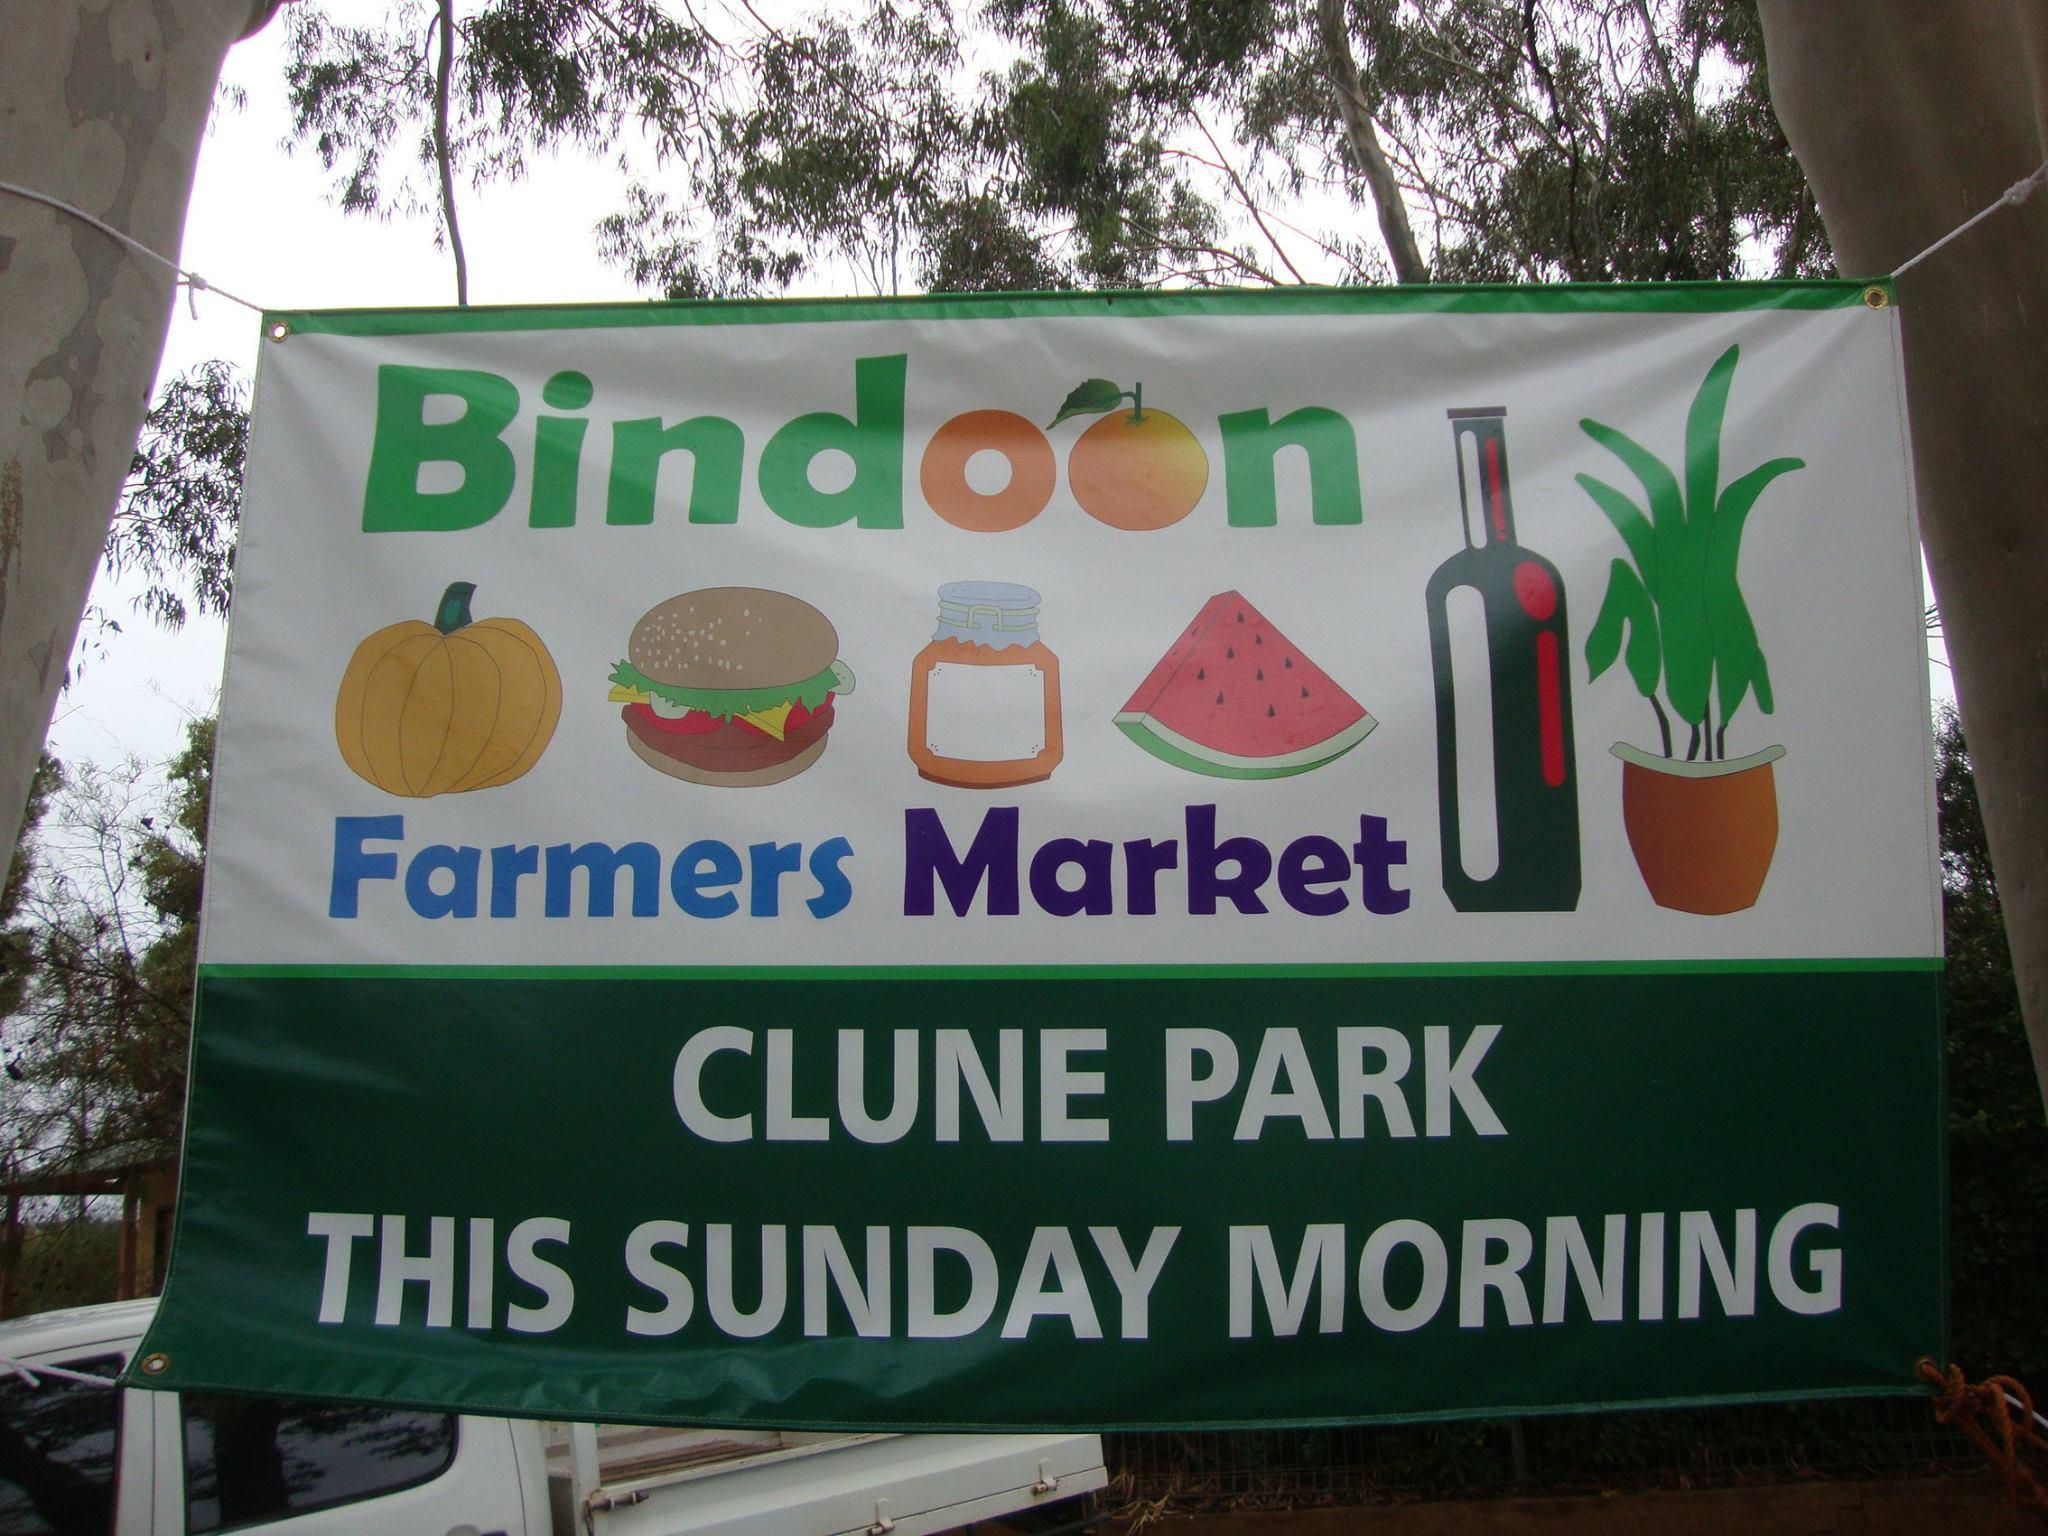 Bindoon Farmers Market on this Sunday